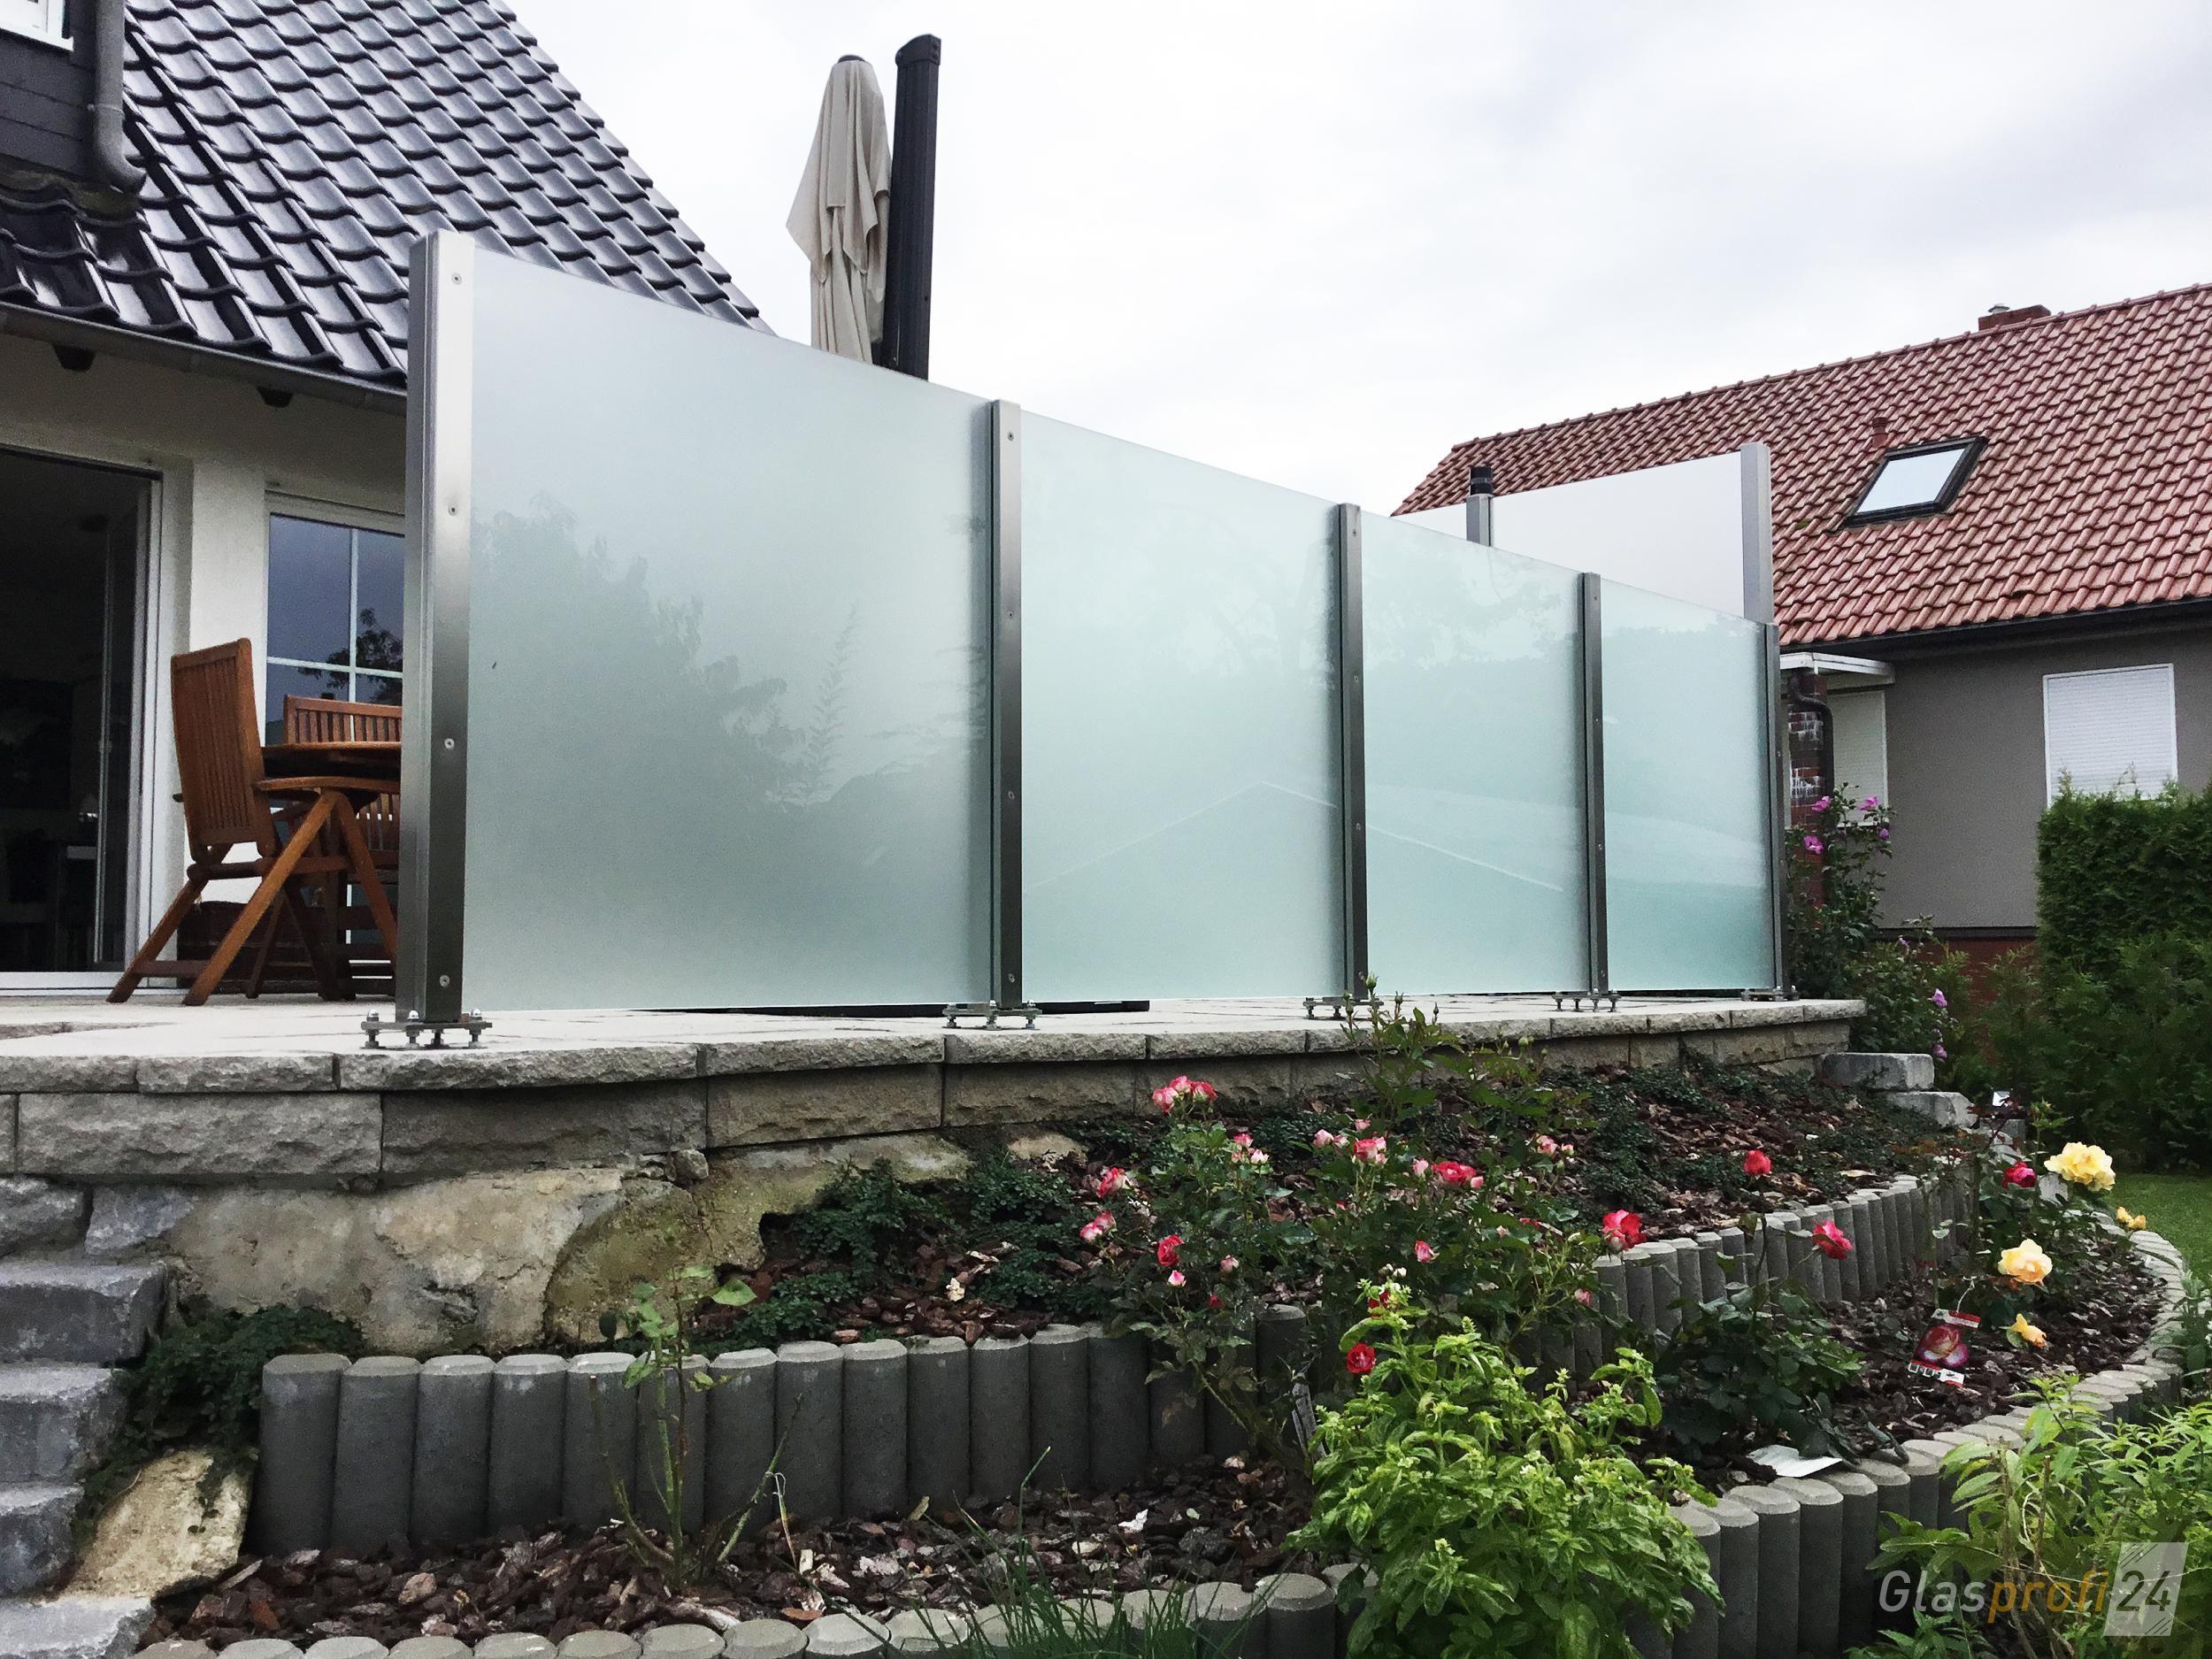 Windschutz Fur Die Terrasse Glasprofi24 Windschutz